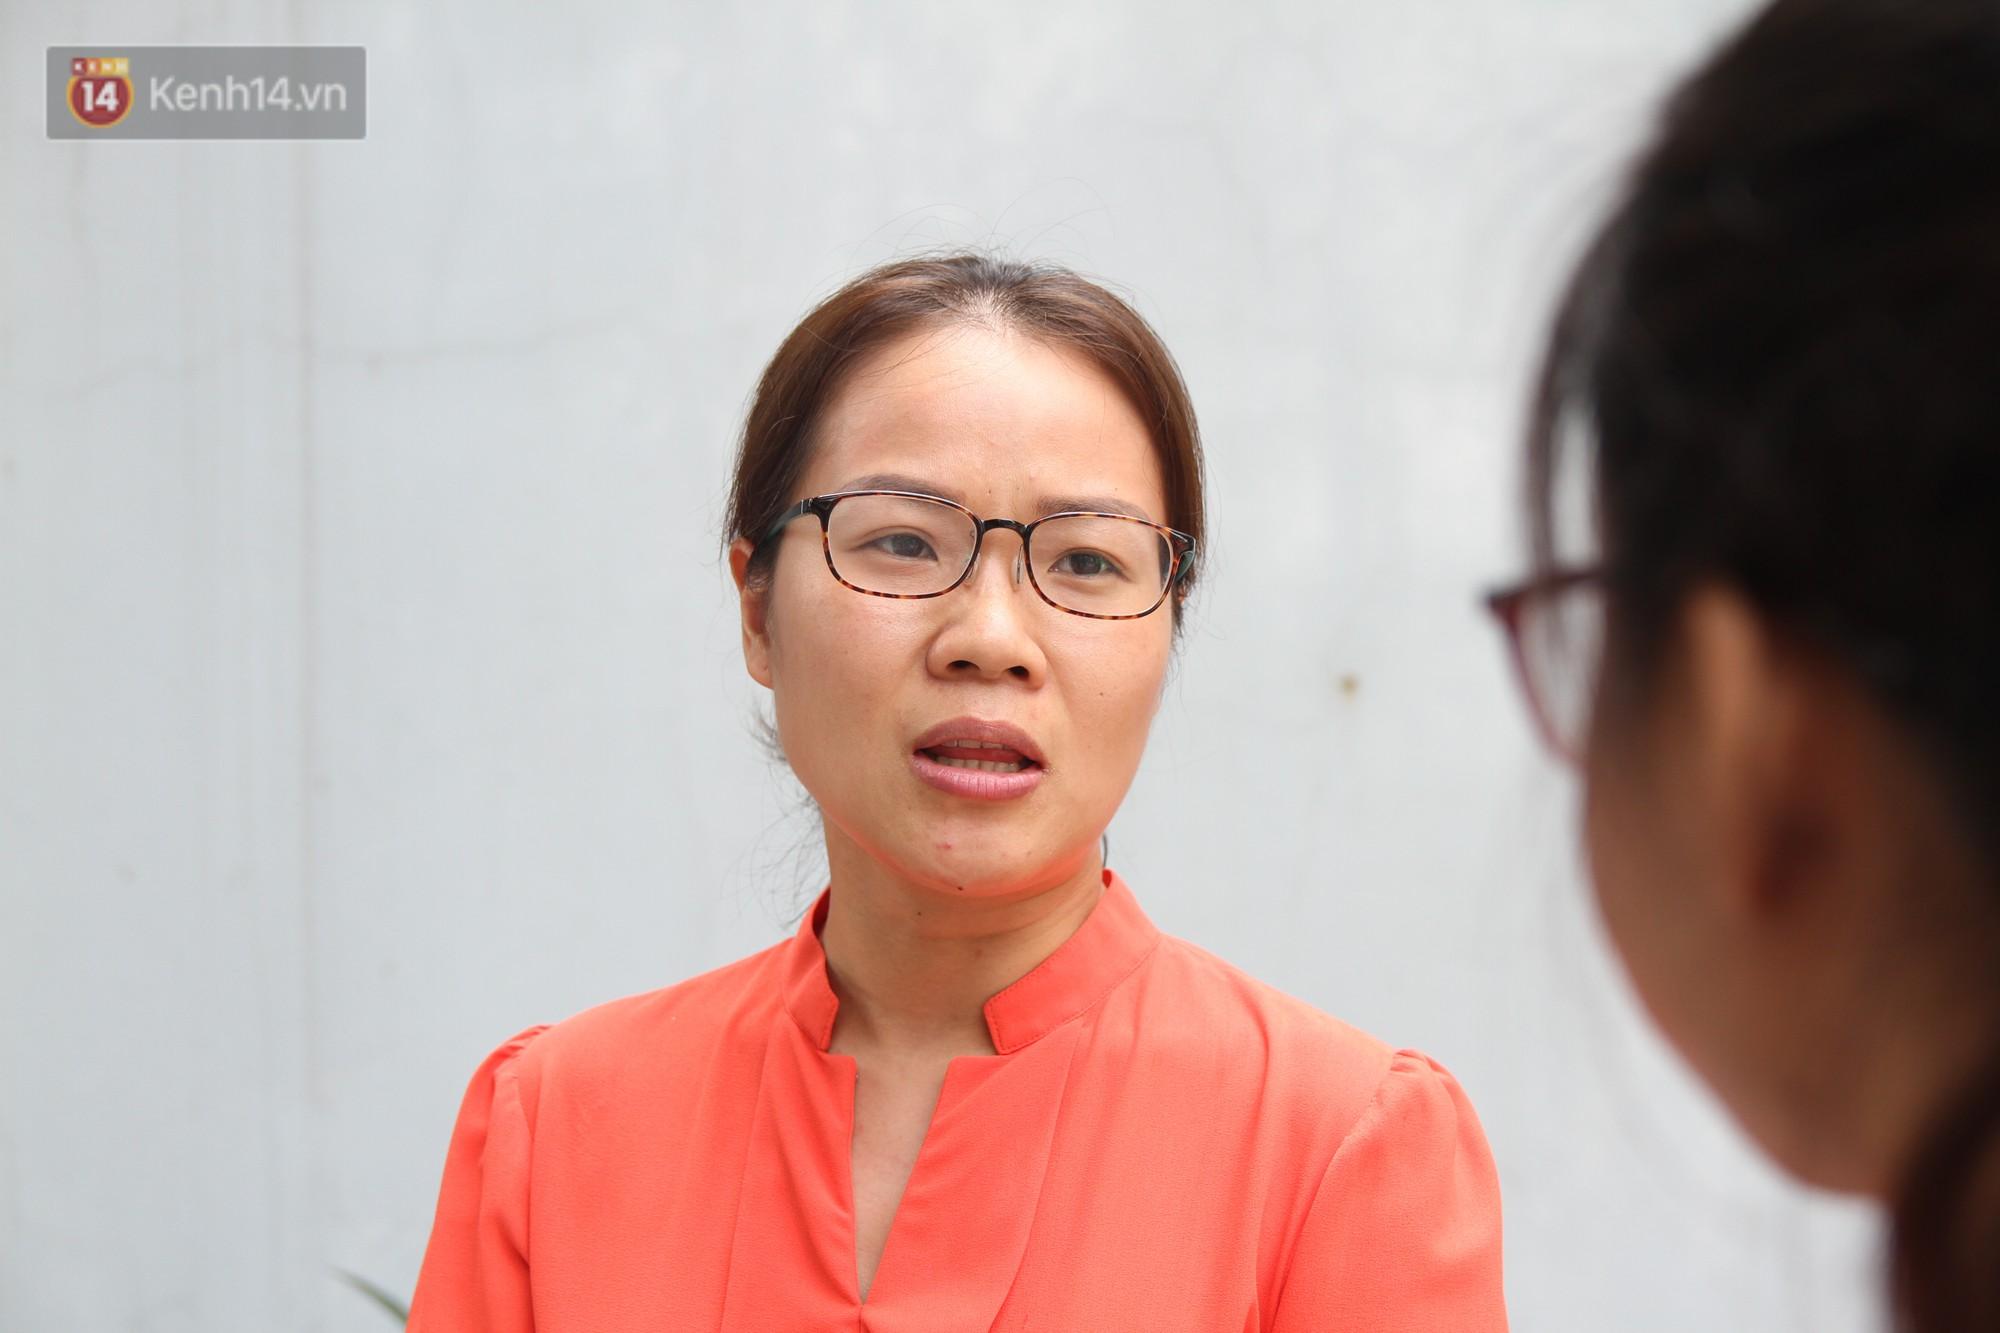 Người Hà Nội nói về việc thành phố muốn người dân từ bỏ thói quen ăn thịt chó: Yêu và ăn là 2 chuyện khác nhau - Ảnh 4.